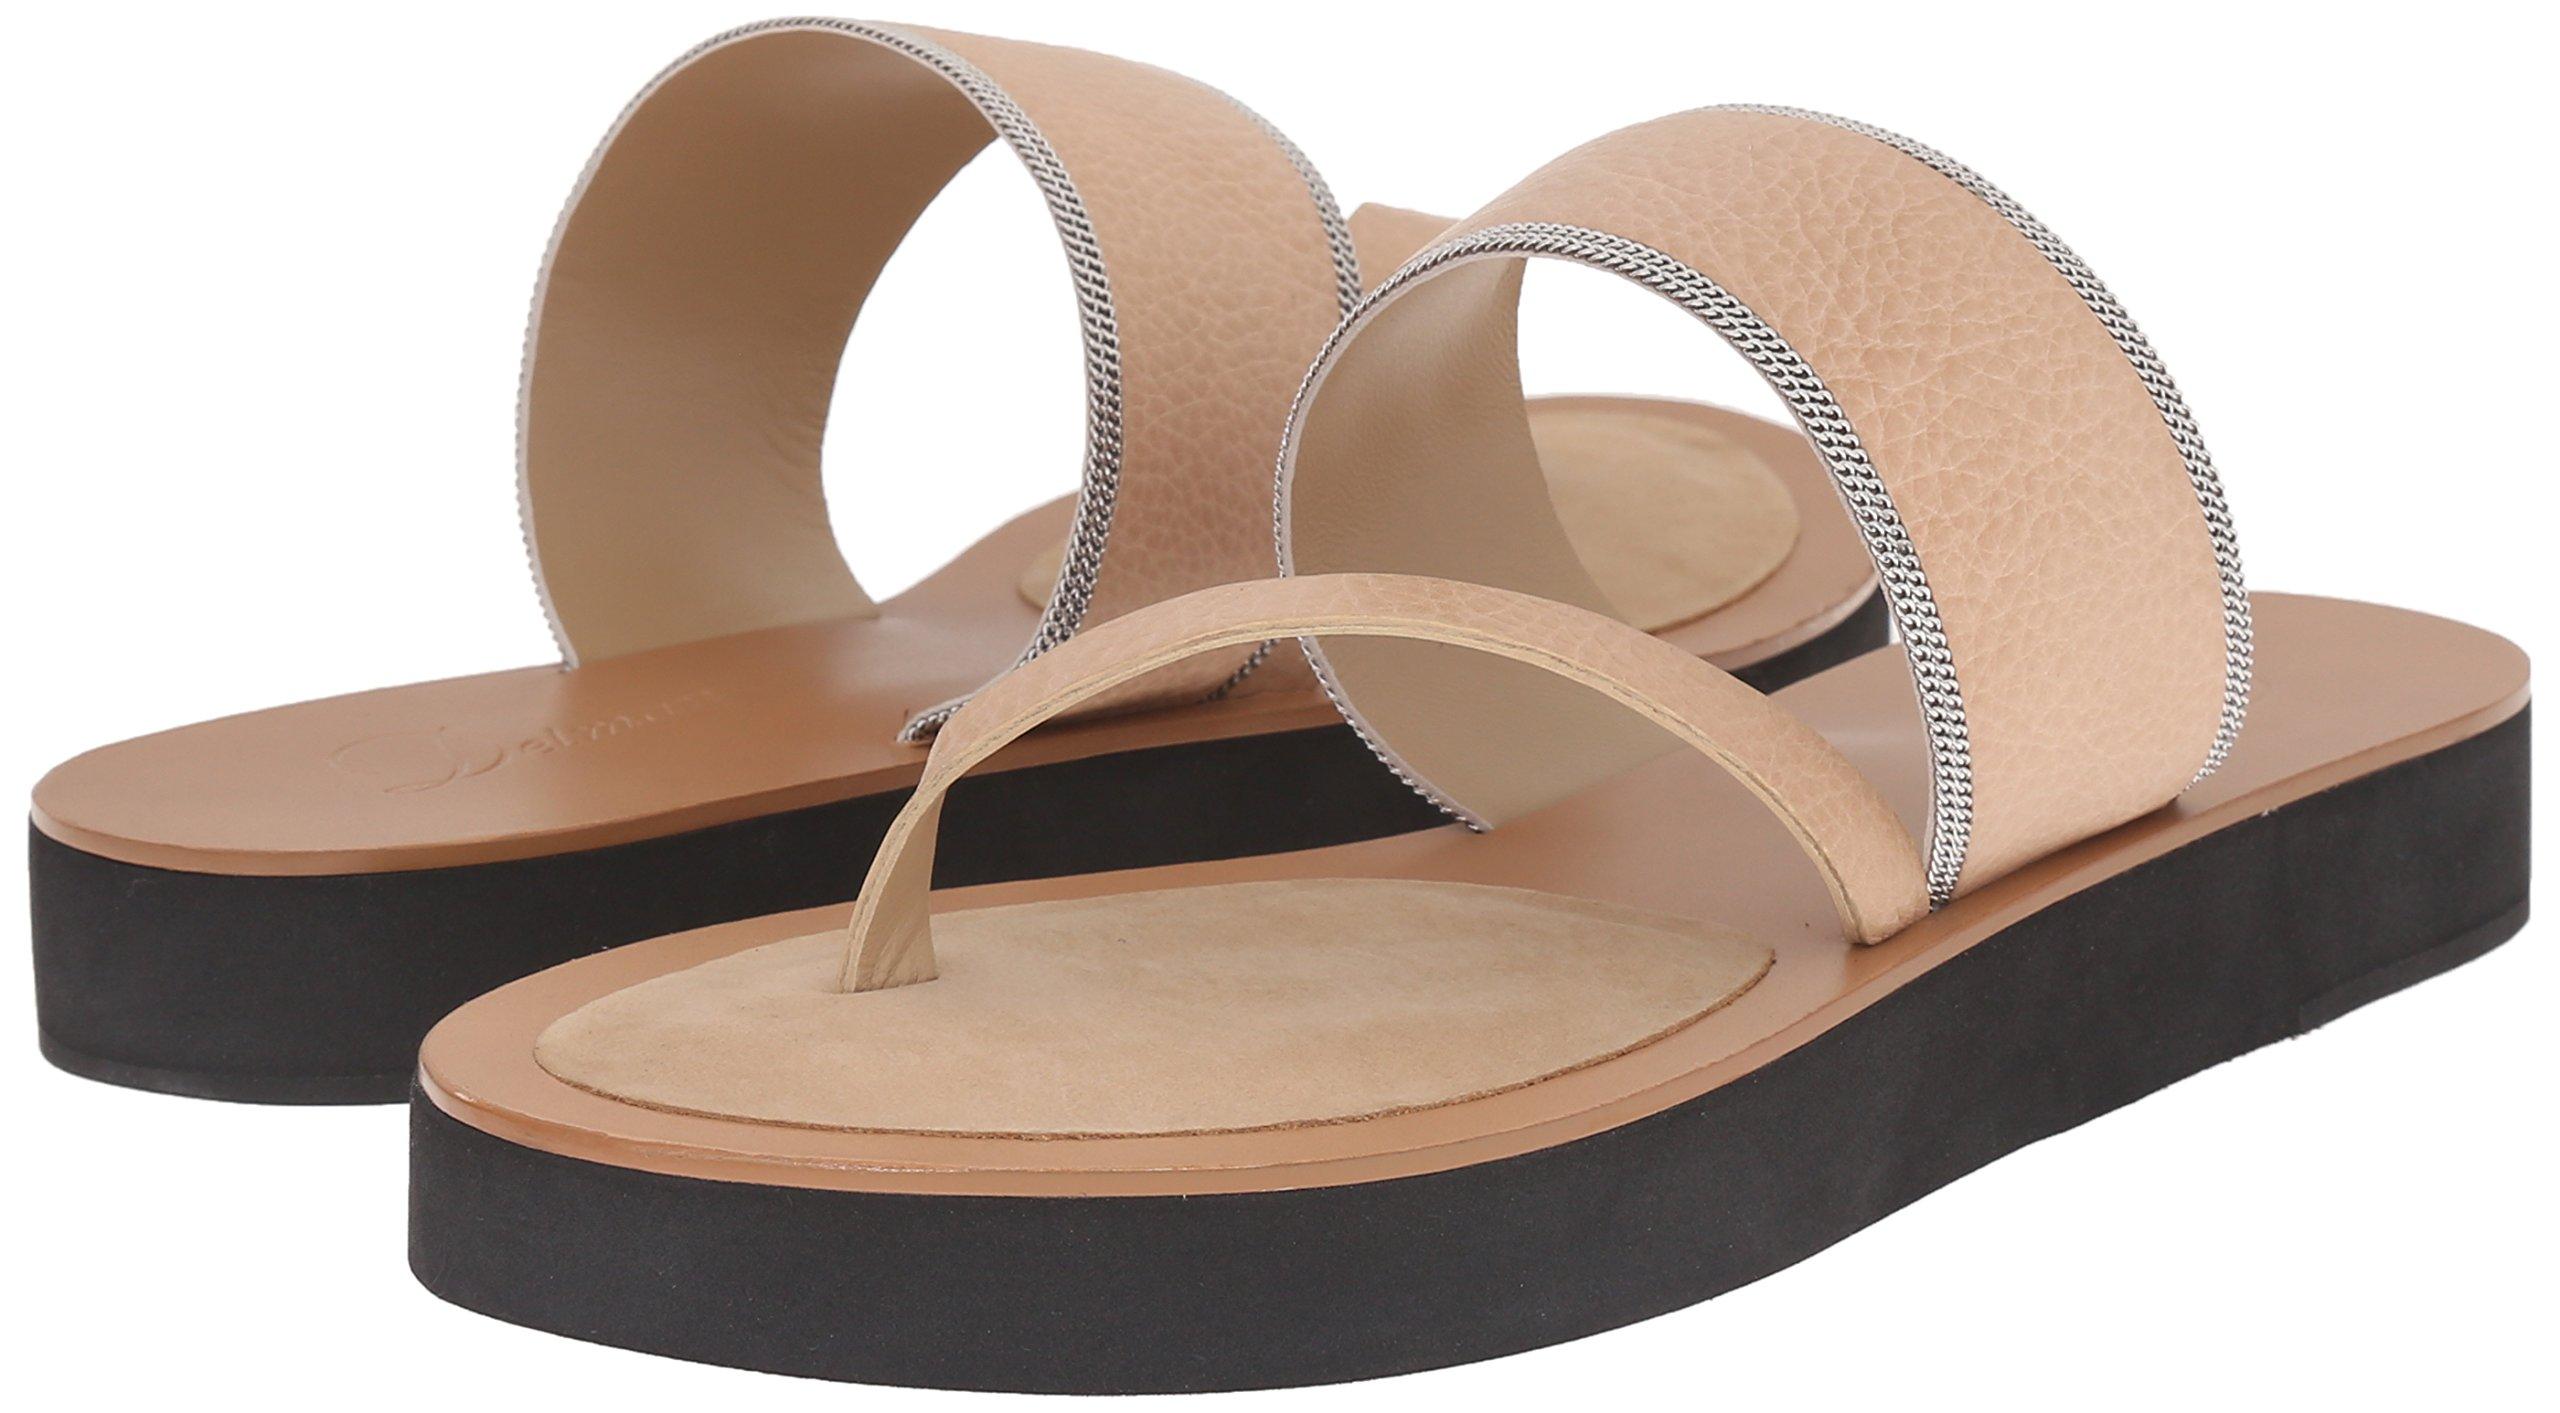 Delman Women's D-Una-V Slide Sandal, Sand Dune Vachetta/Fine Chain, 9.5 M US by Delman (Image #6)